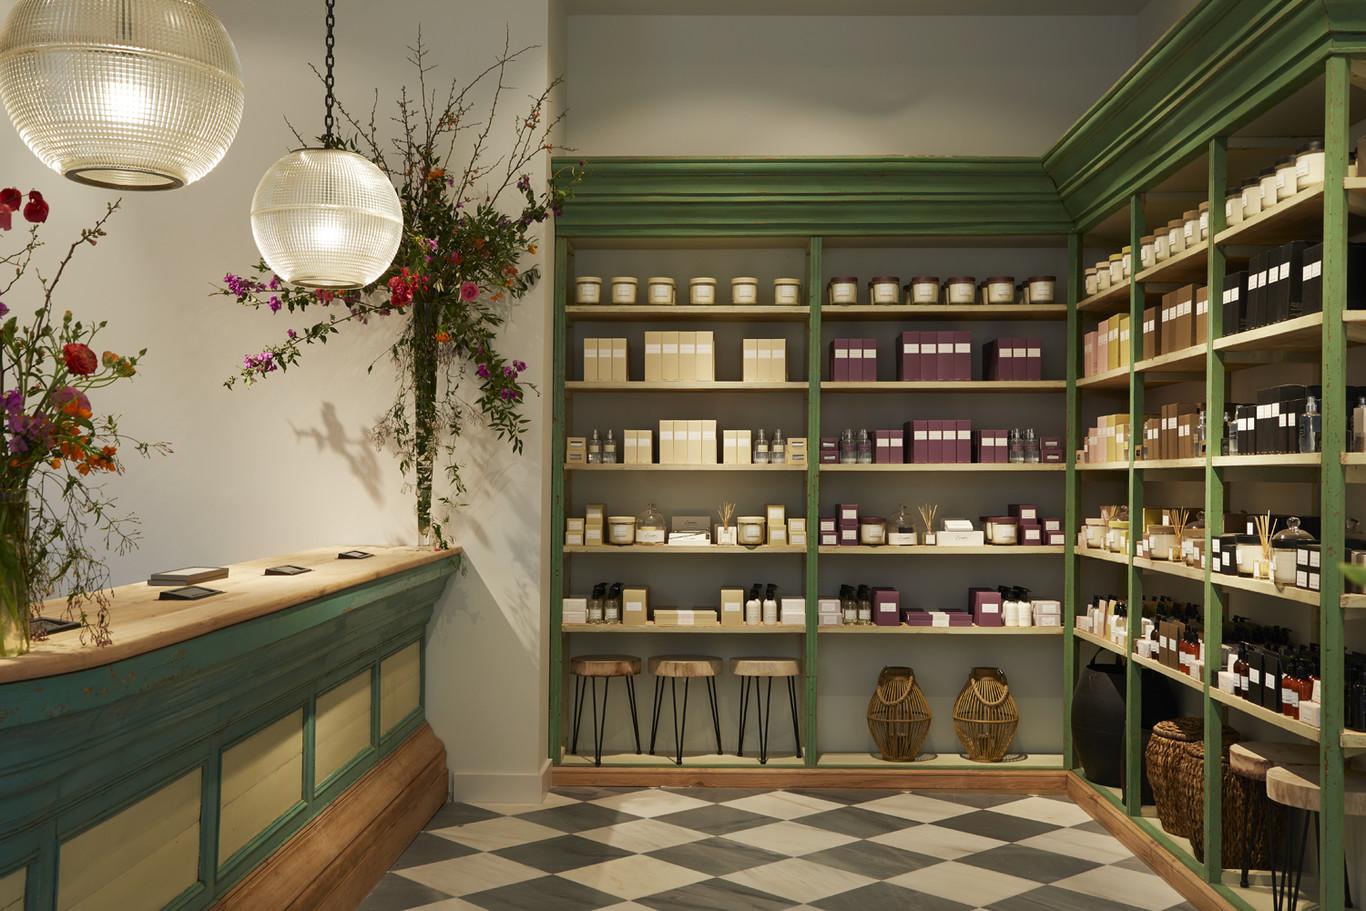 Disfruta de la nueva tienda de Zara Home en Palma de Mallorca como si  estuvieras en casa gracias a la magia de Isabel López-Quesada 28fccbf2357